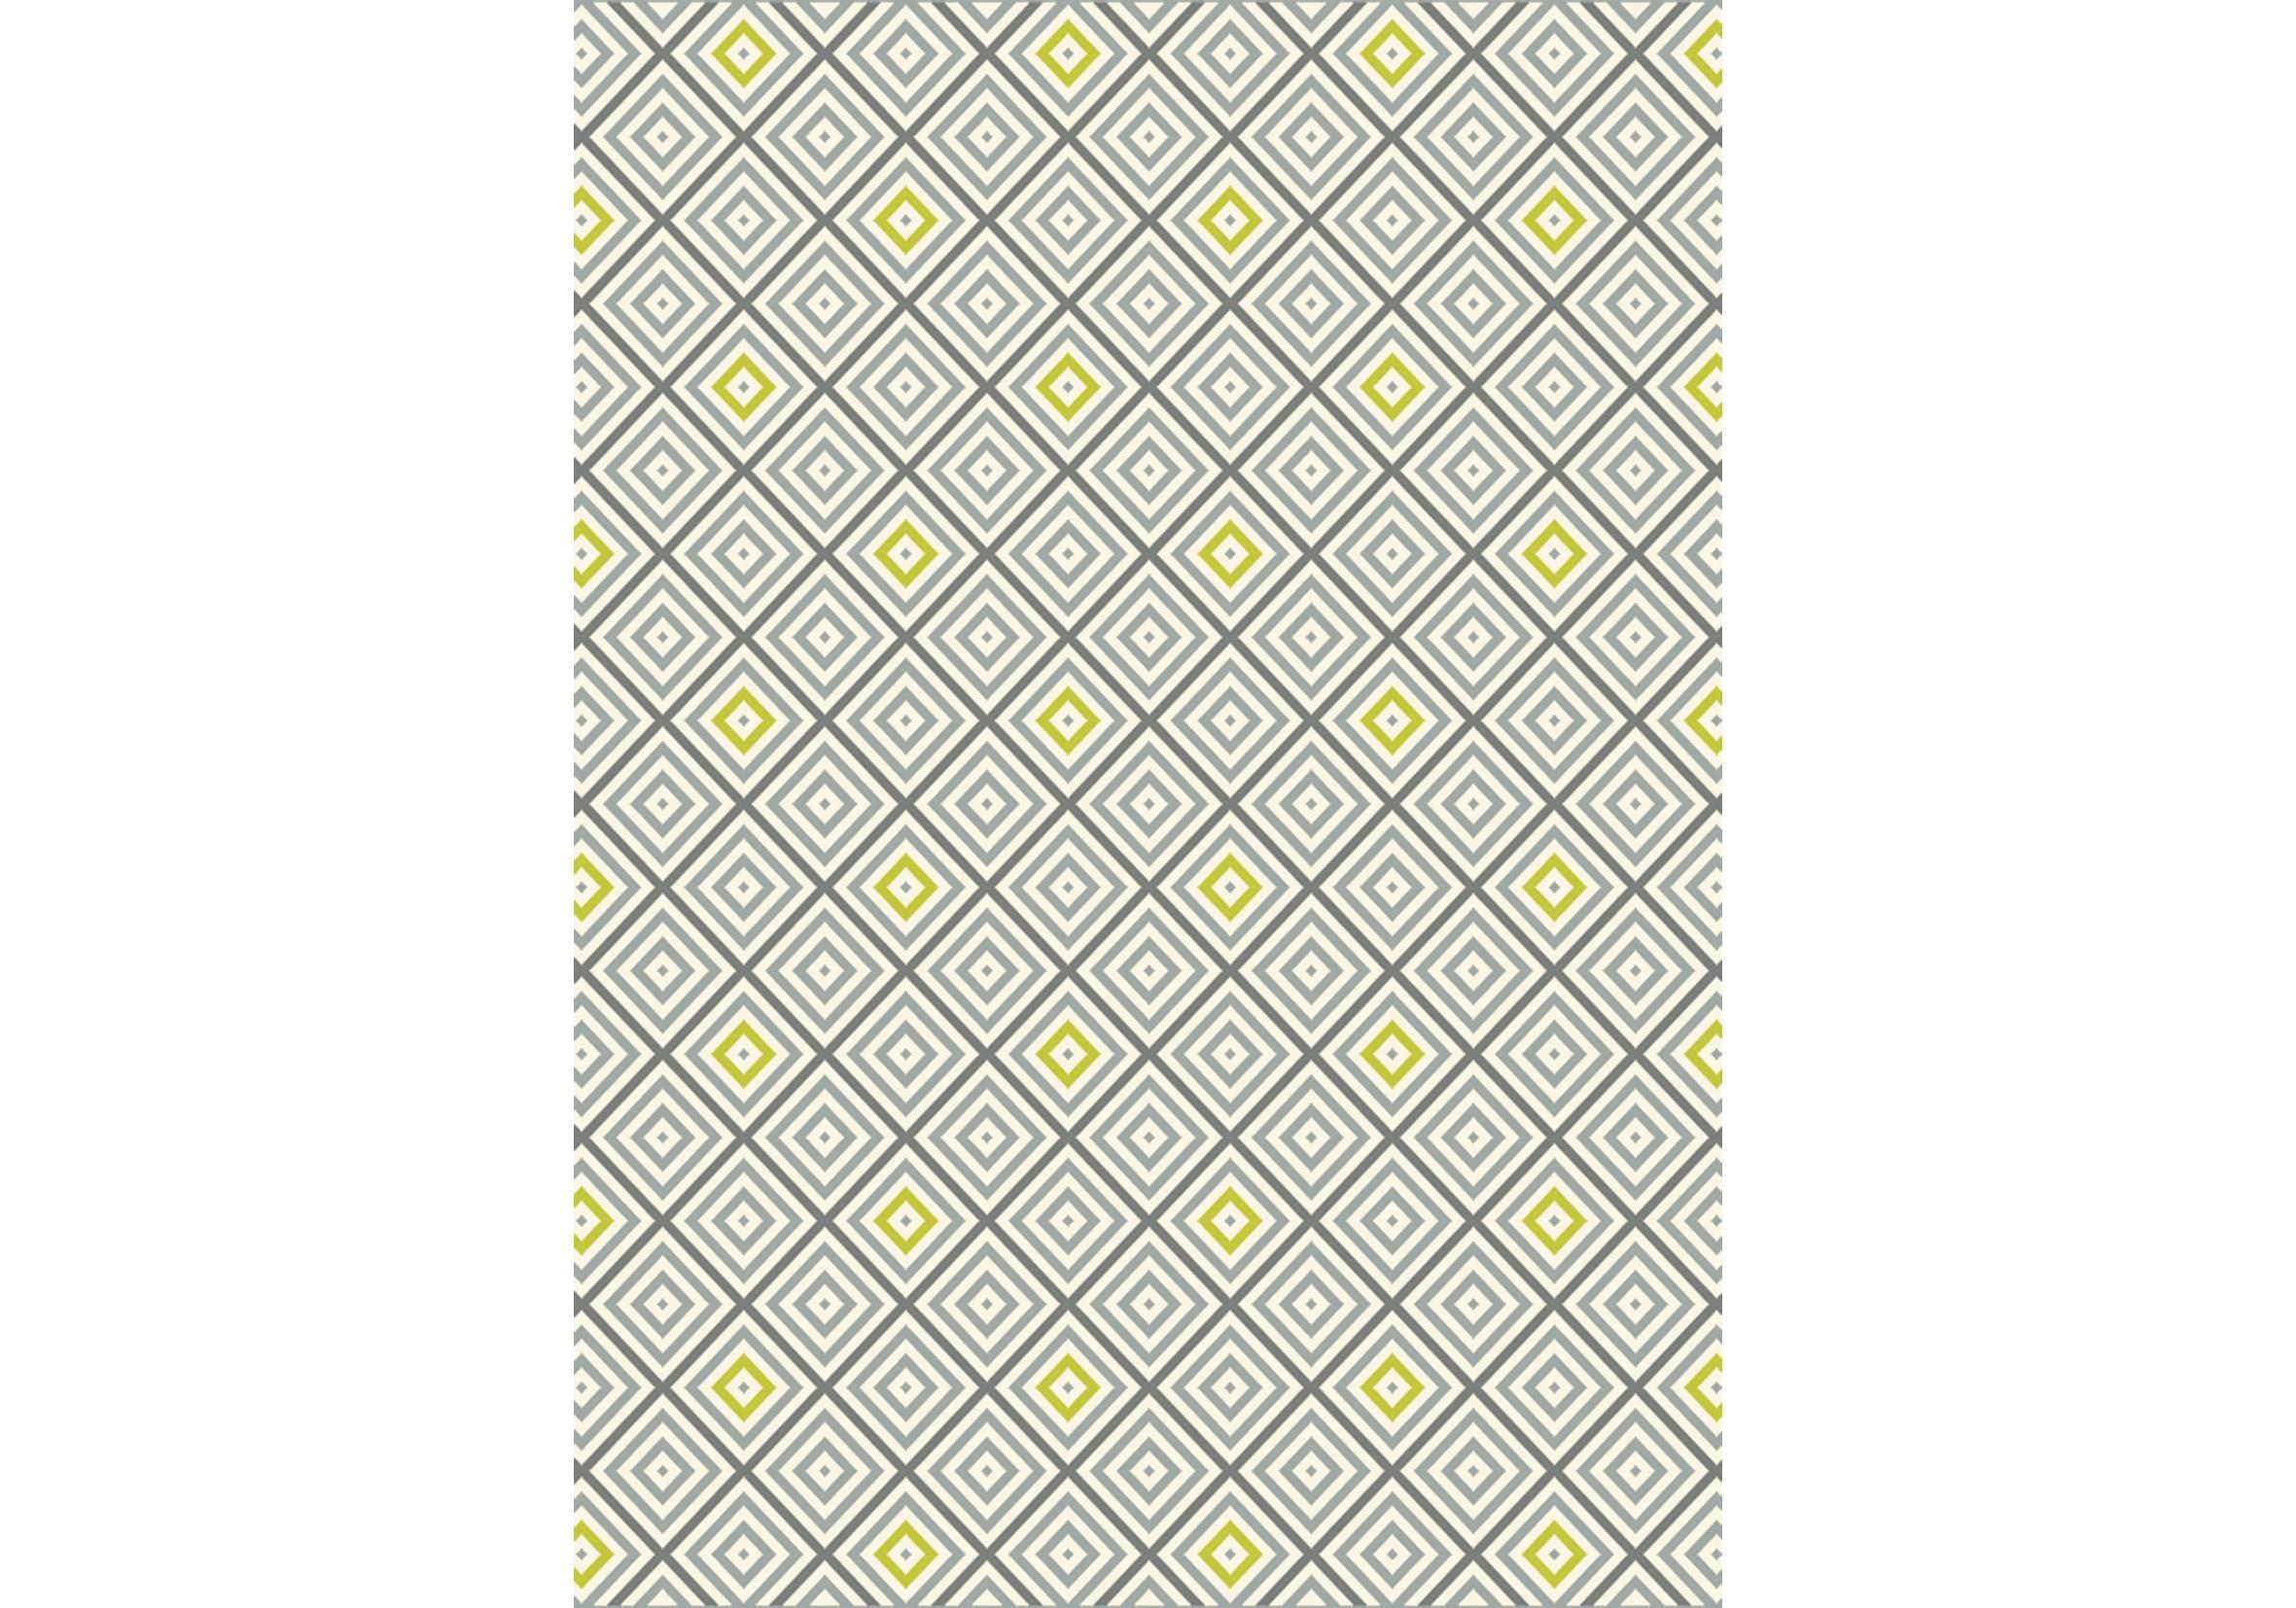 Ковер Flash 150х80Прямоугольные ковры<br>&amp;lt;div&amp;gt;&amp;lt;div&amp;gt;Прекрасно вписывается в любой интерьер.&amp;lt;/div&amp;gt;&amp;lt;div&amp;gt;Актуальная цветовая гамма.&amp;amp;nbsp;&amp;lt;/div&amp;gt;&amp;lt;div&amp;gt;&amp;lt;br&amp;gt;&amp;lt;div&amp;gt;Материал: 100% Полипропилен.&amp;lt;/div&amp;gt;&amp;lt;/div&amp;gt;&amp;lt;/div&amp;gt;<br><br>Material: Текстиль<br>Ширина см: 150<br>Глубина см: 80